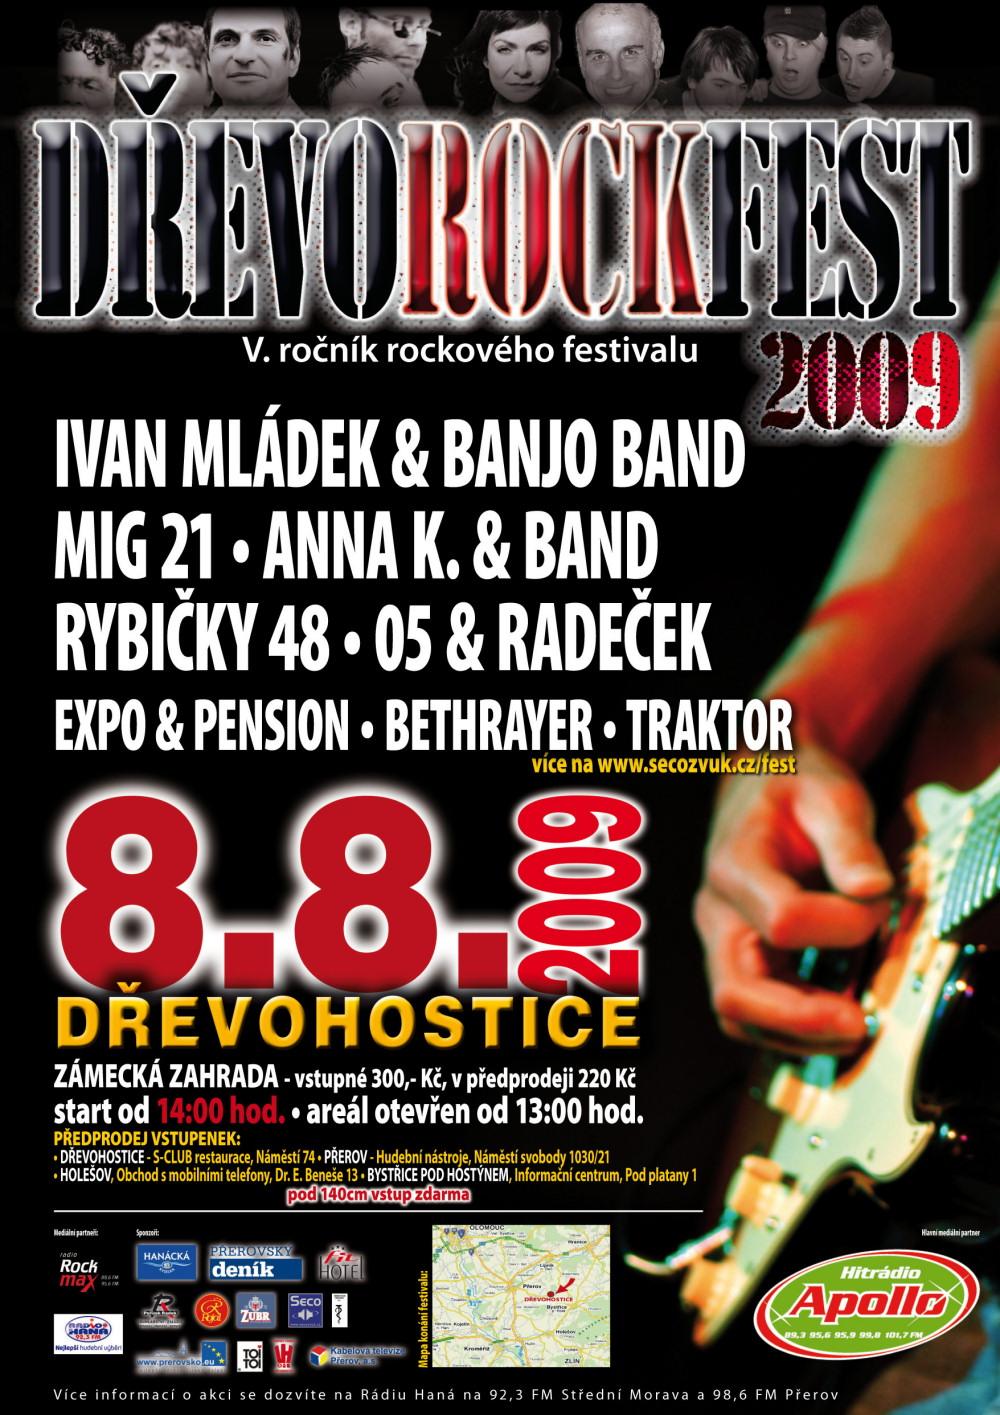 Dřevorockfest 2009 - plakát